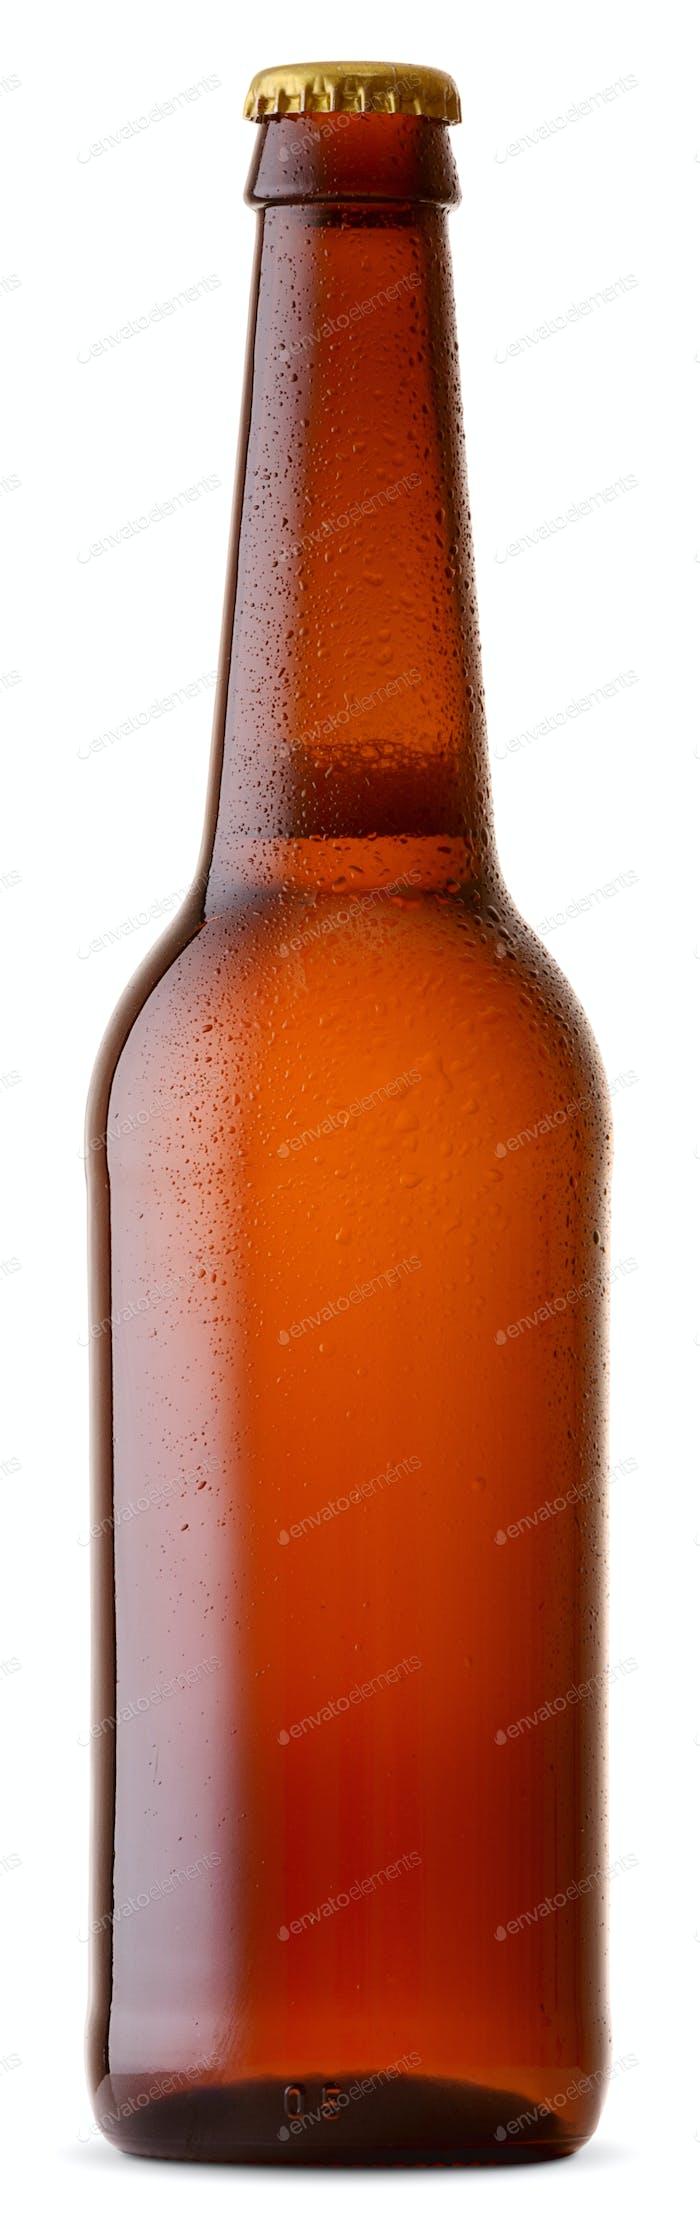 Bierflasche mit Wassertropfen